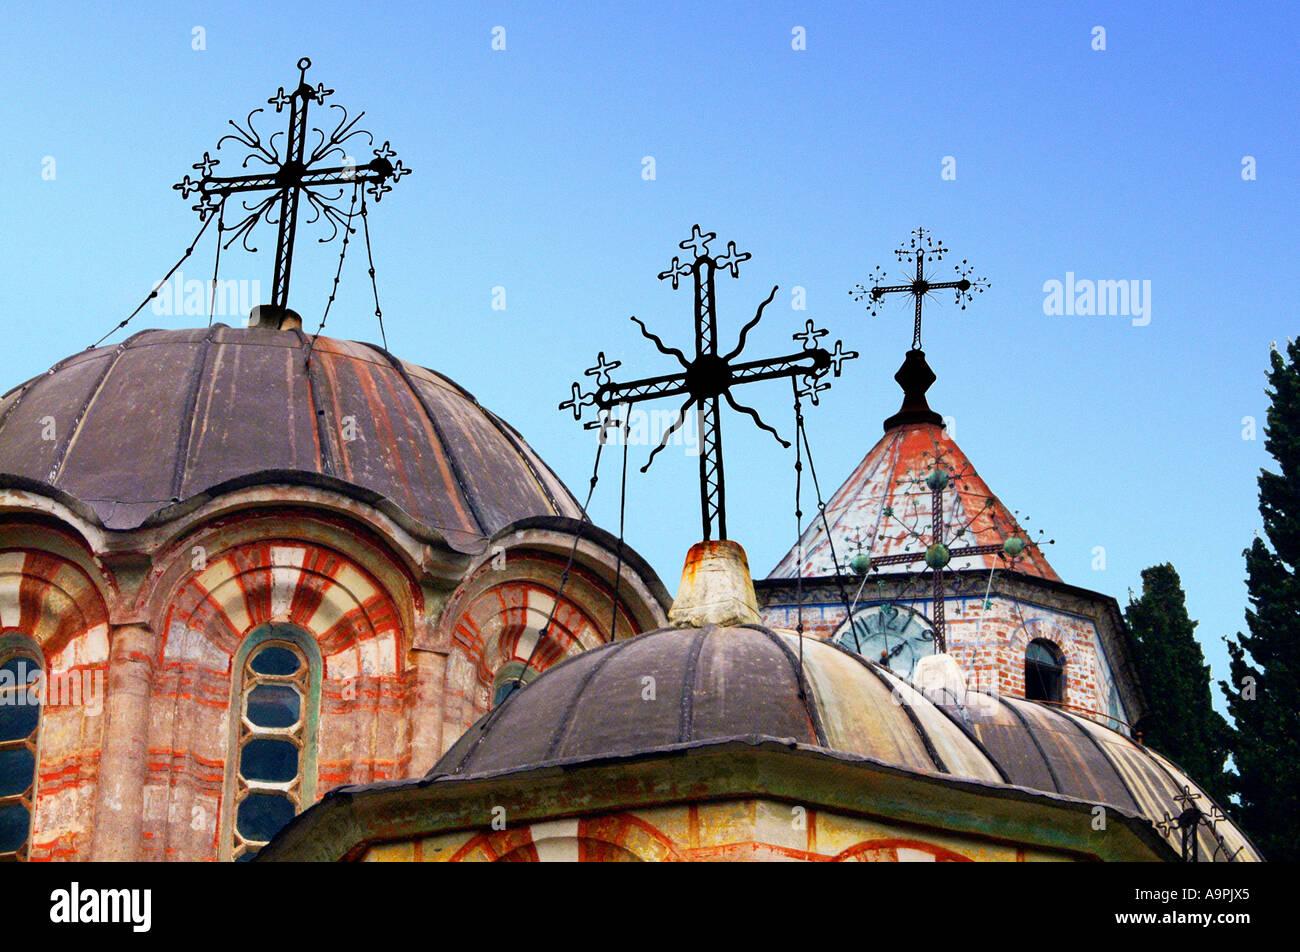 Zografos zografou zograf zografski manastir Monastery mount mountain athos Greece Greek orthodox Christian church EU Europe 9th - Stock Image